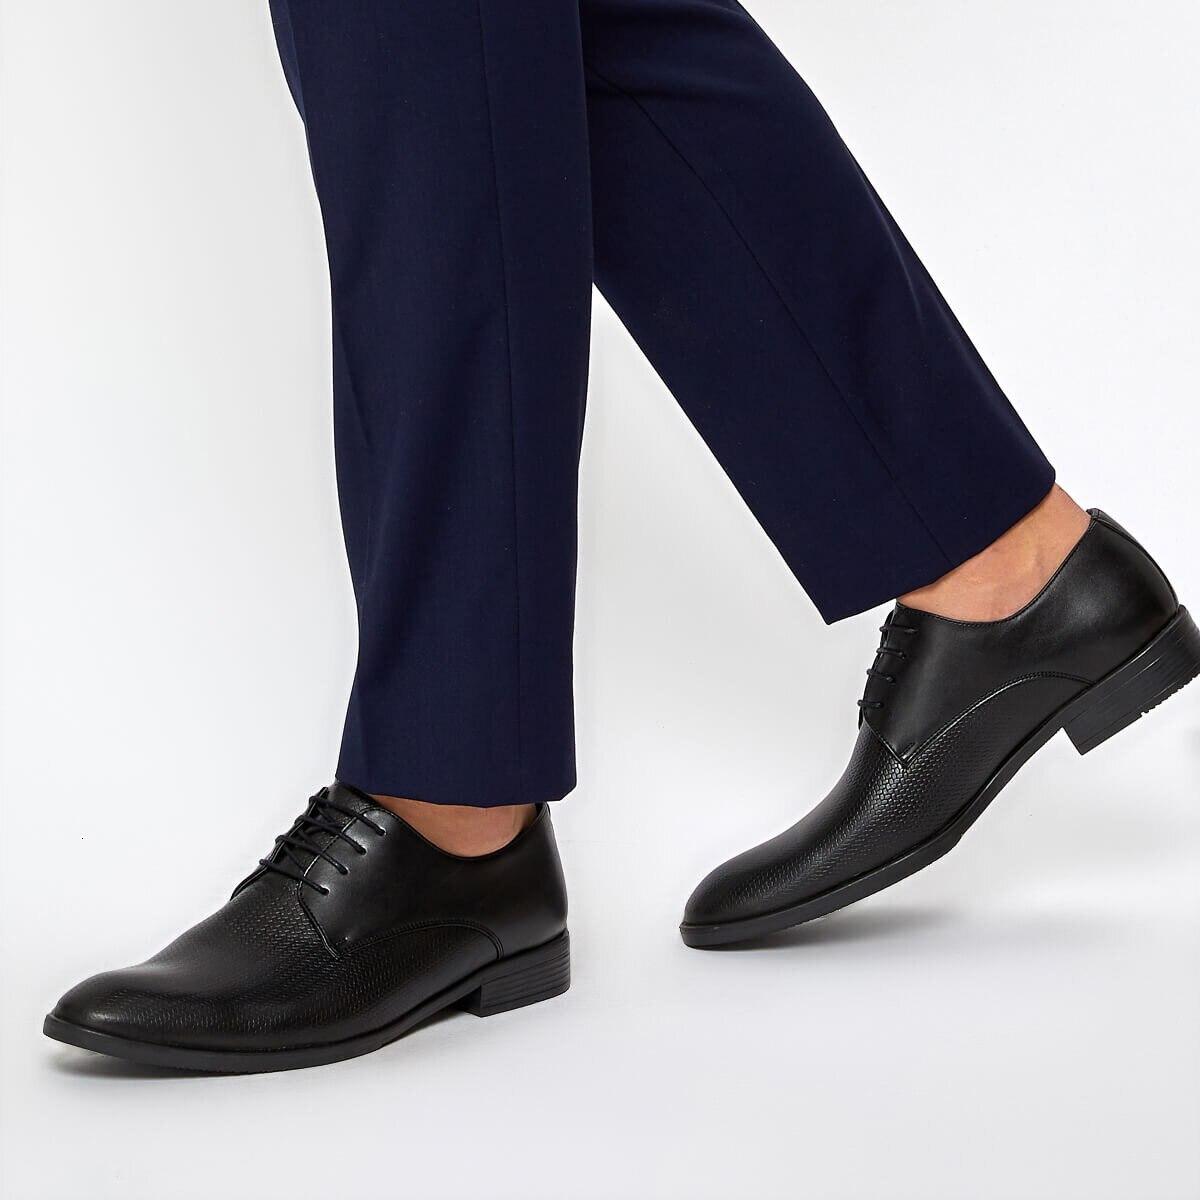 Flo 113-2 黒人男性の古典的な靴ダウン町